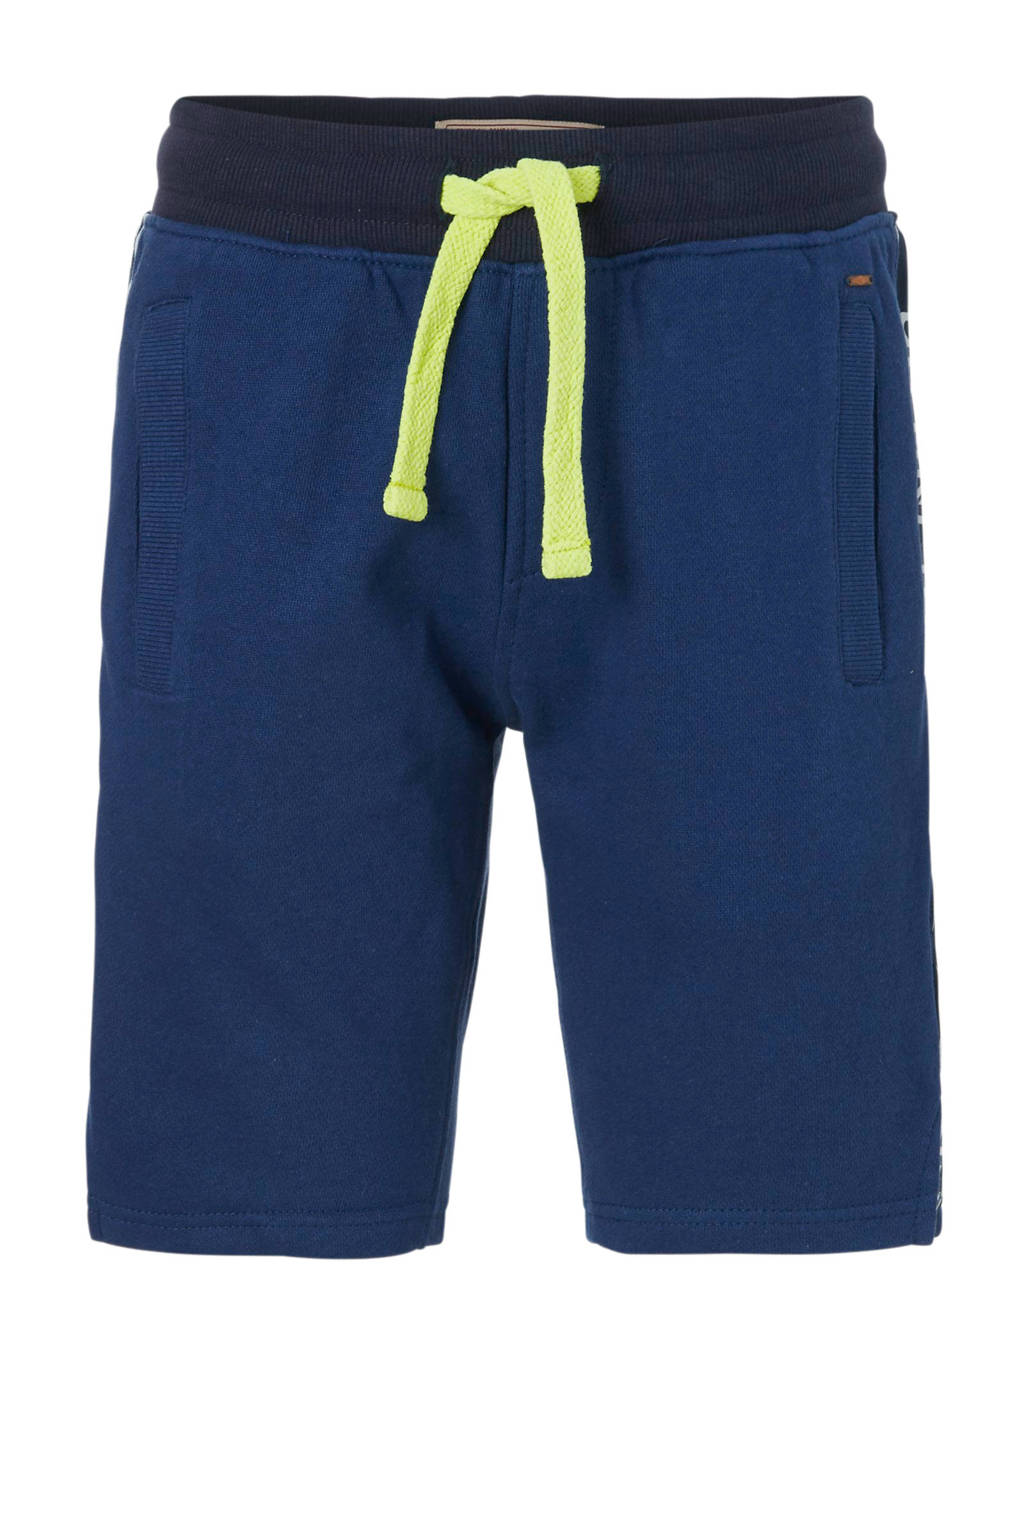 Petrol Industries sweatshort met zijbies donkerblauw, Donkerblauw